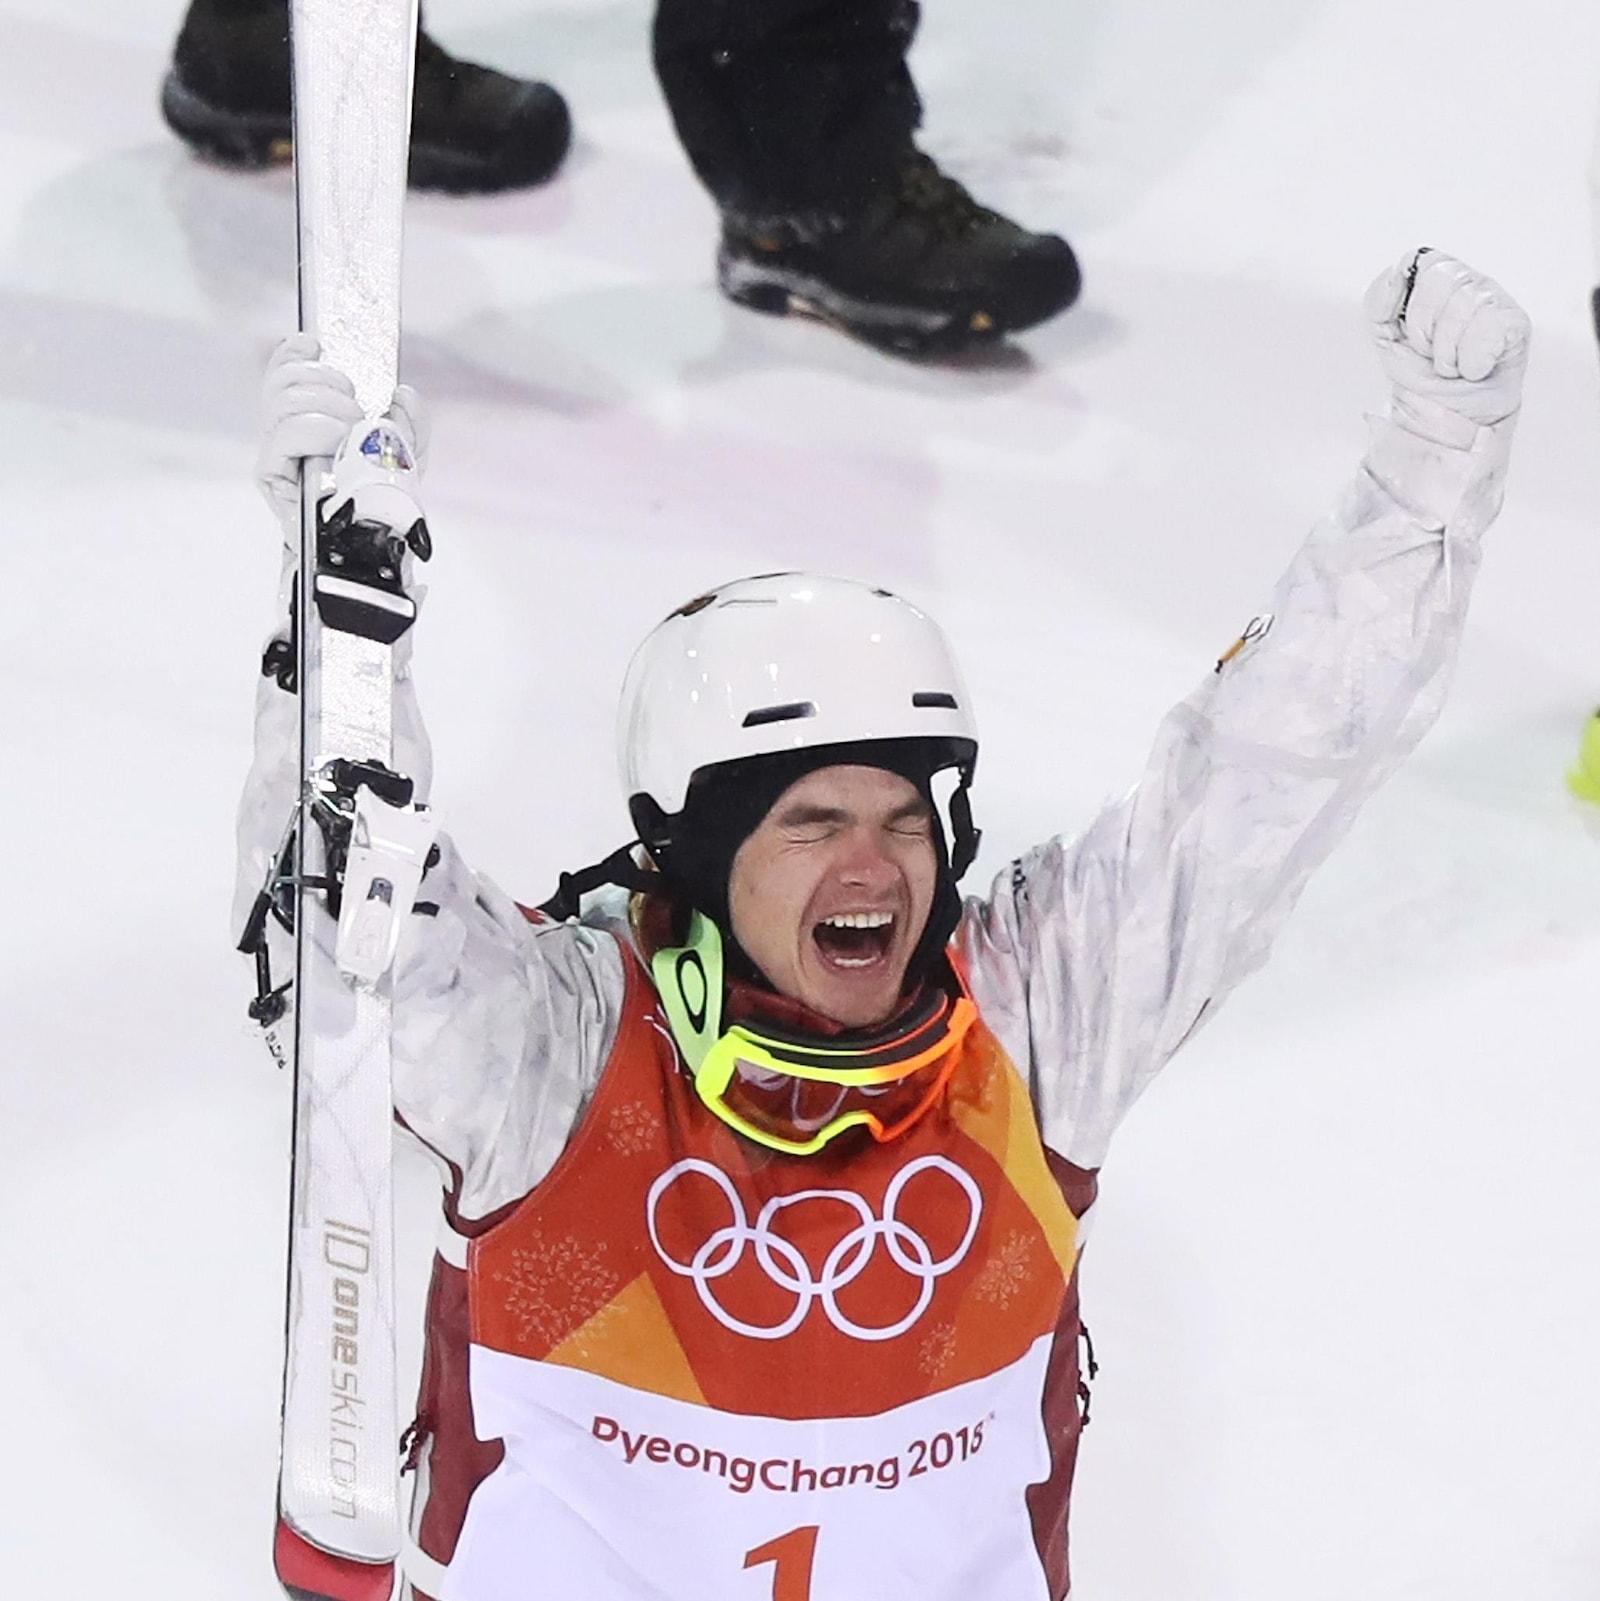 Le skieur acrobatique Mikaël Kingsbury réalise qu'il vient de gagner la médaille d'or de l'épreuve de bosses des Jeux olympiques de Pyeongchang.